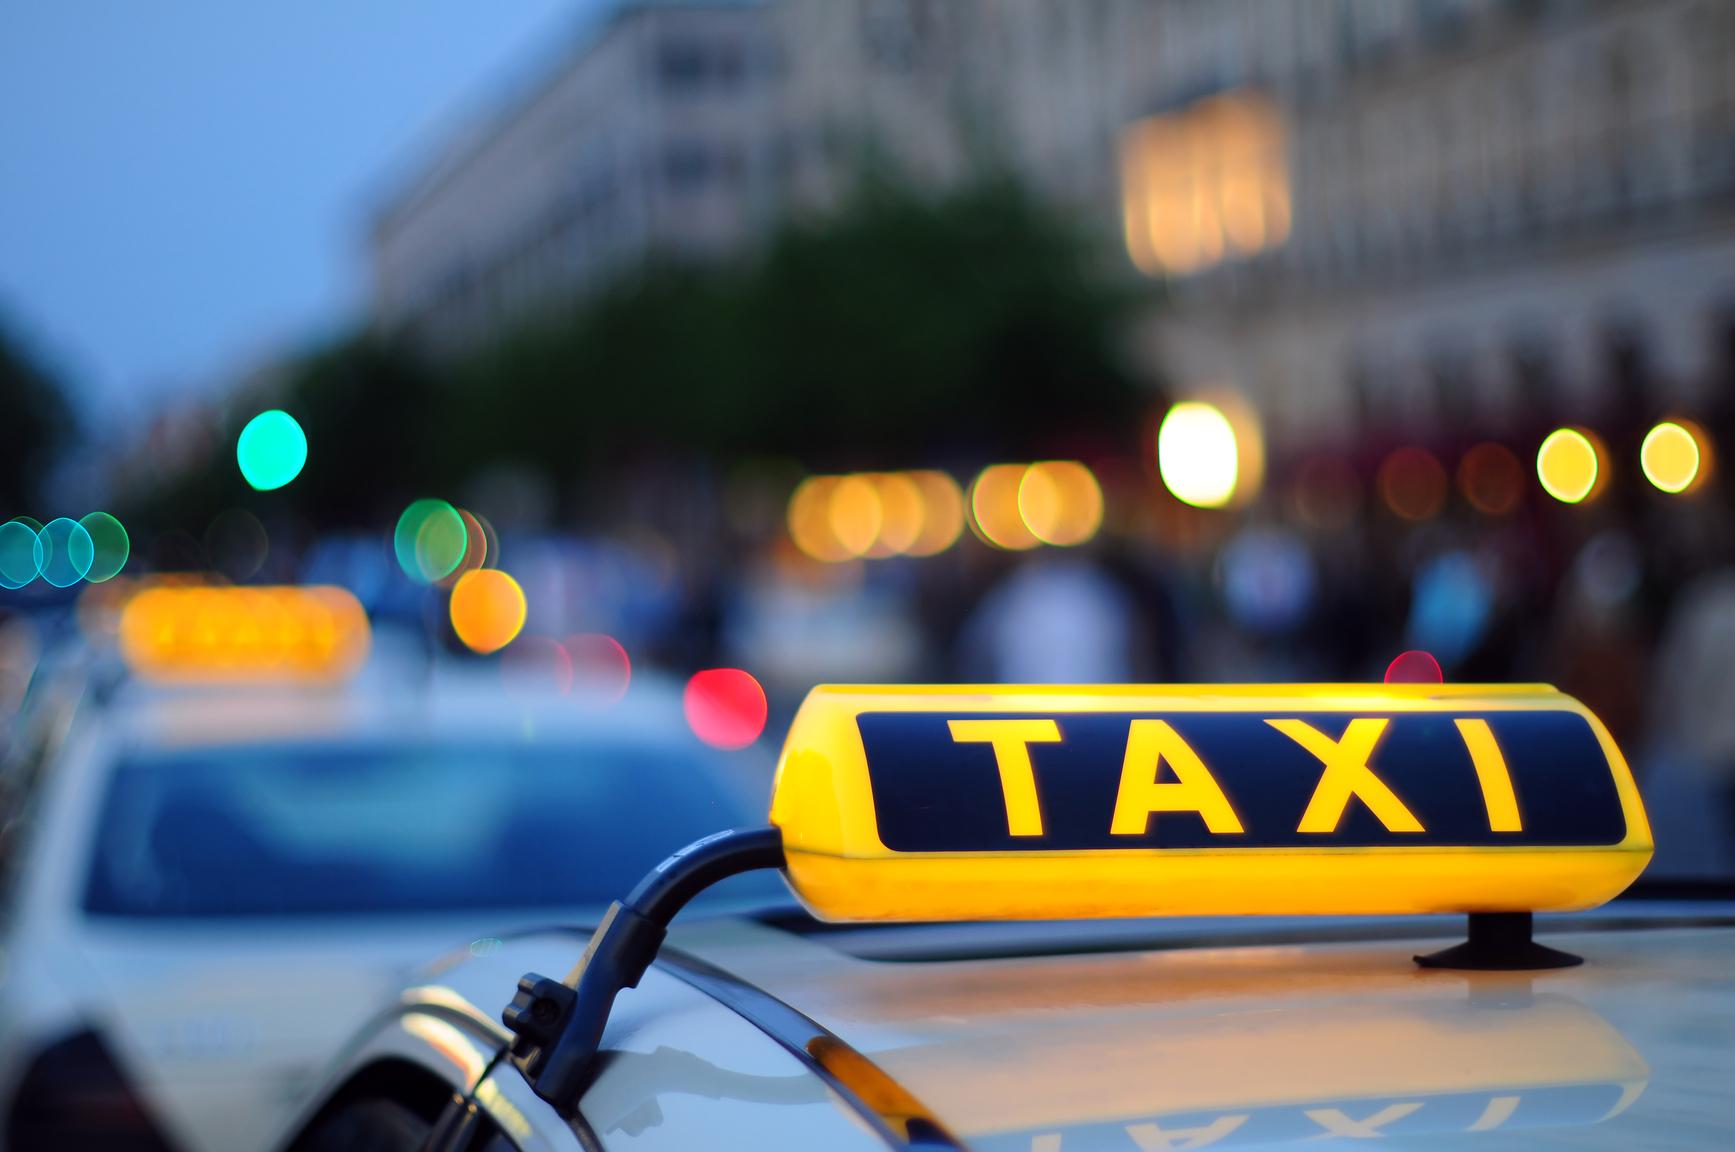 Методы экономии на услугах такси